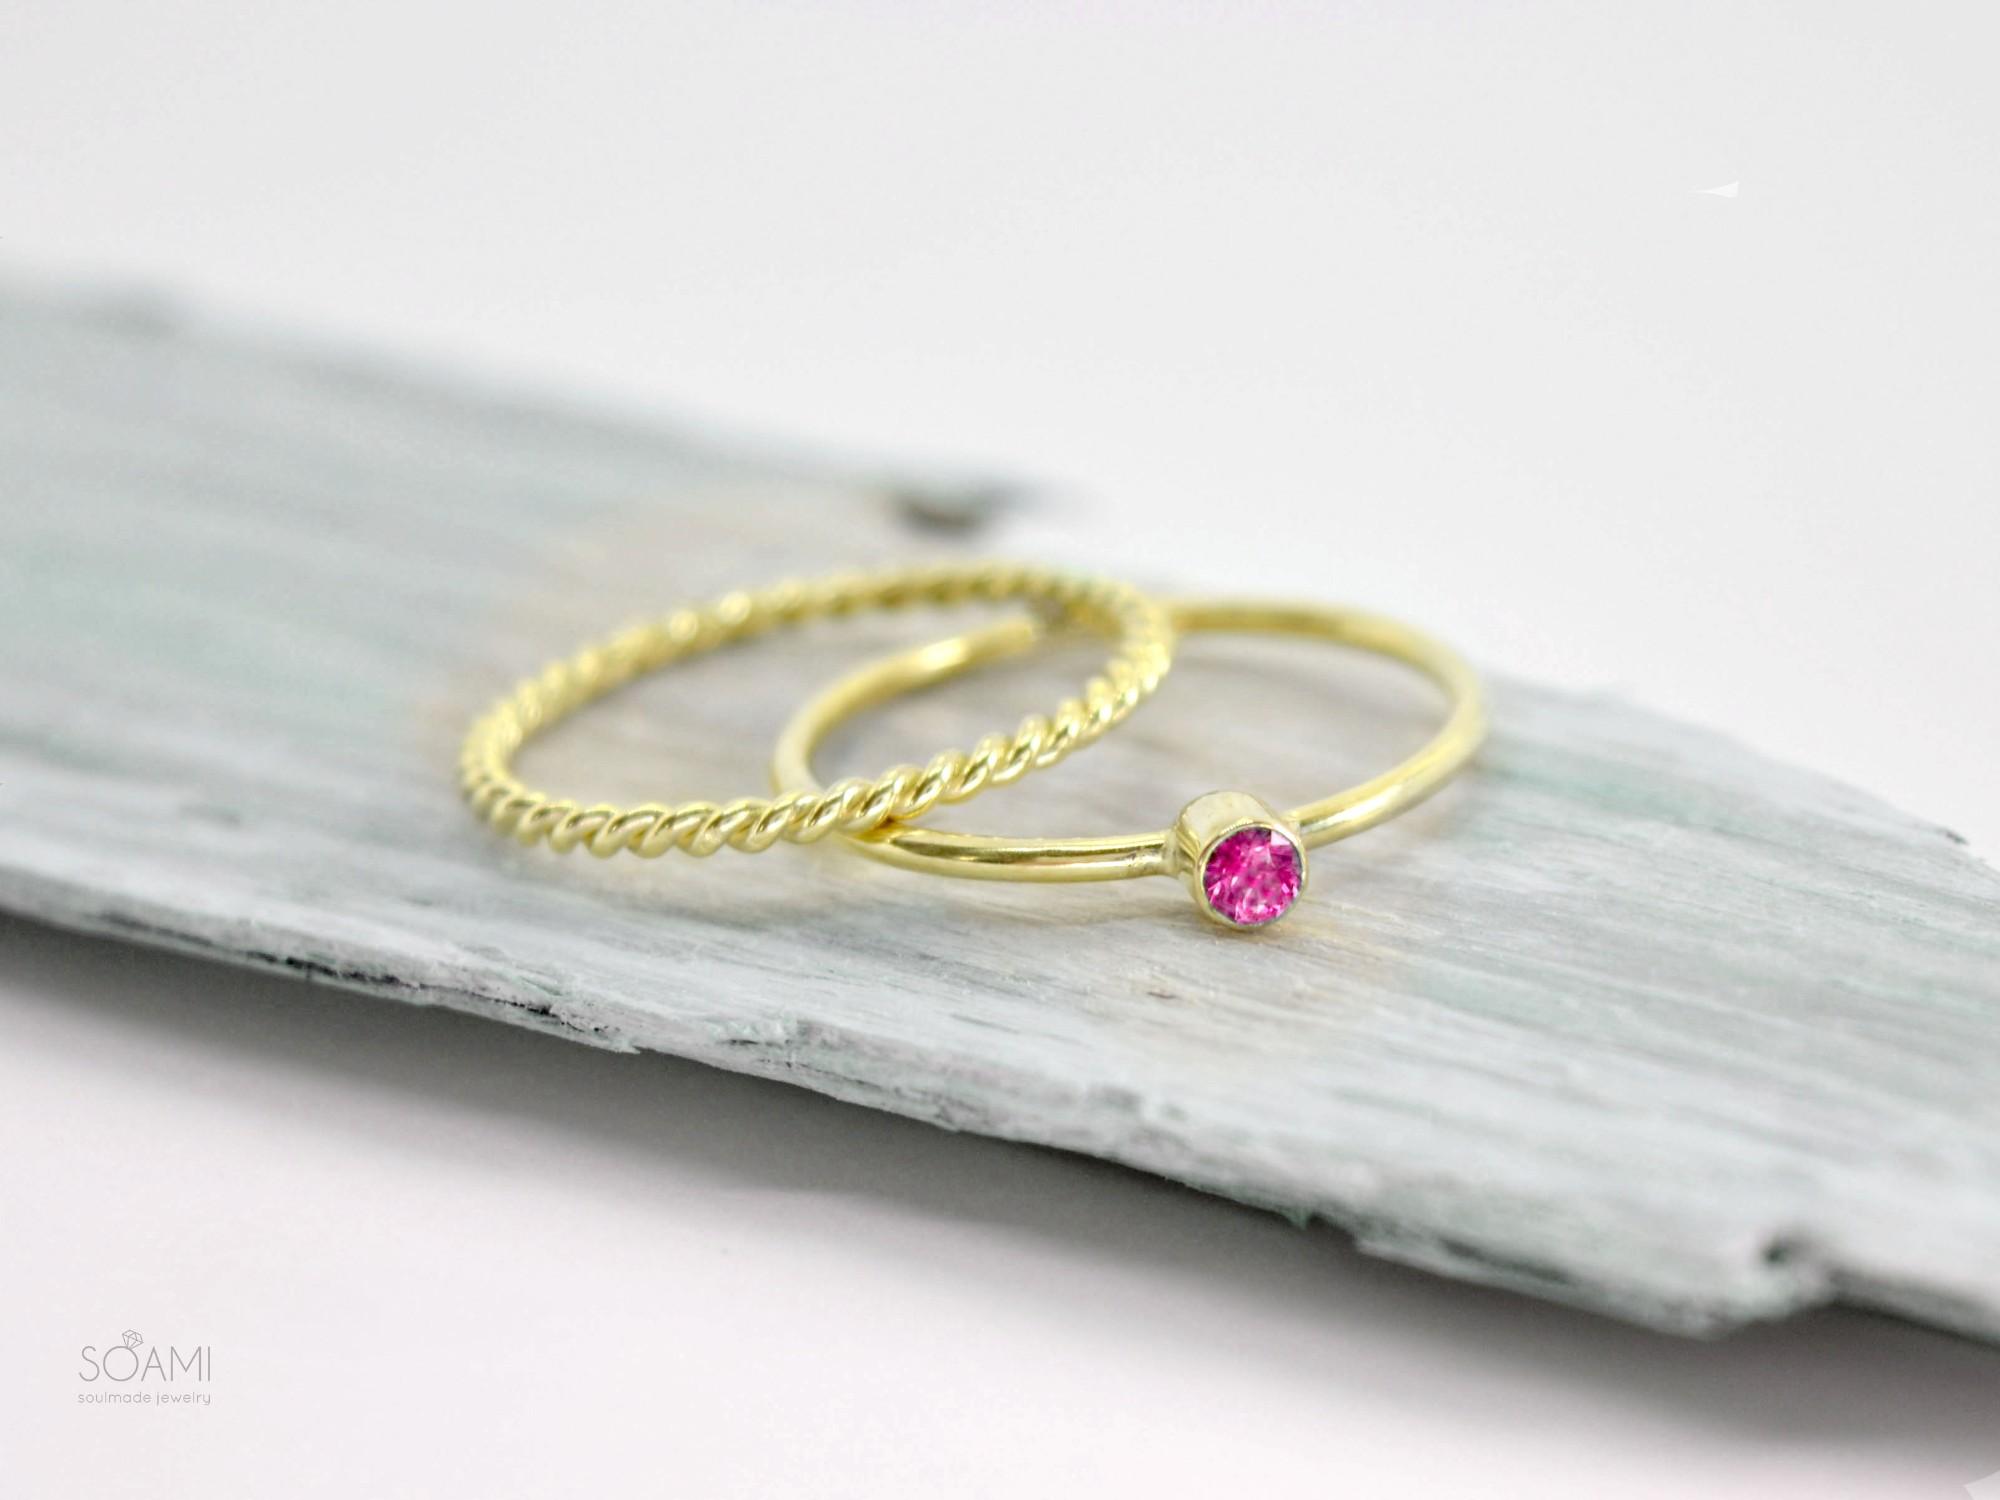 sada zlatých prstenů s rubínem